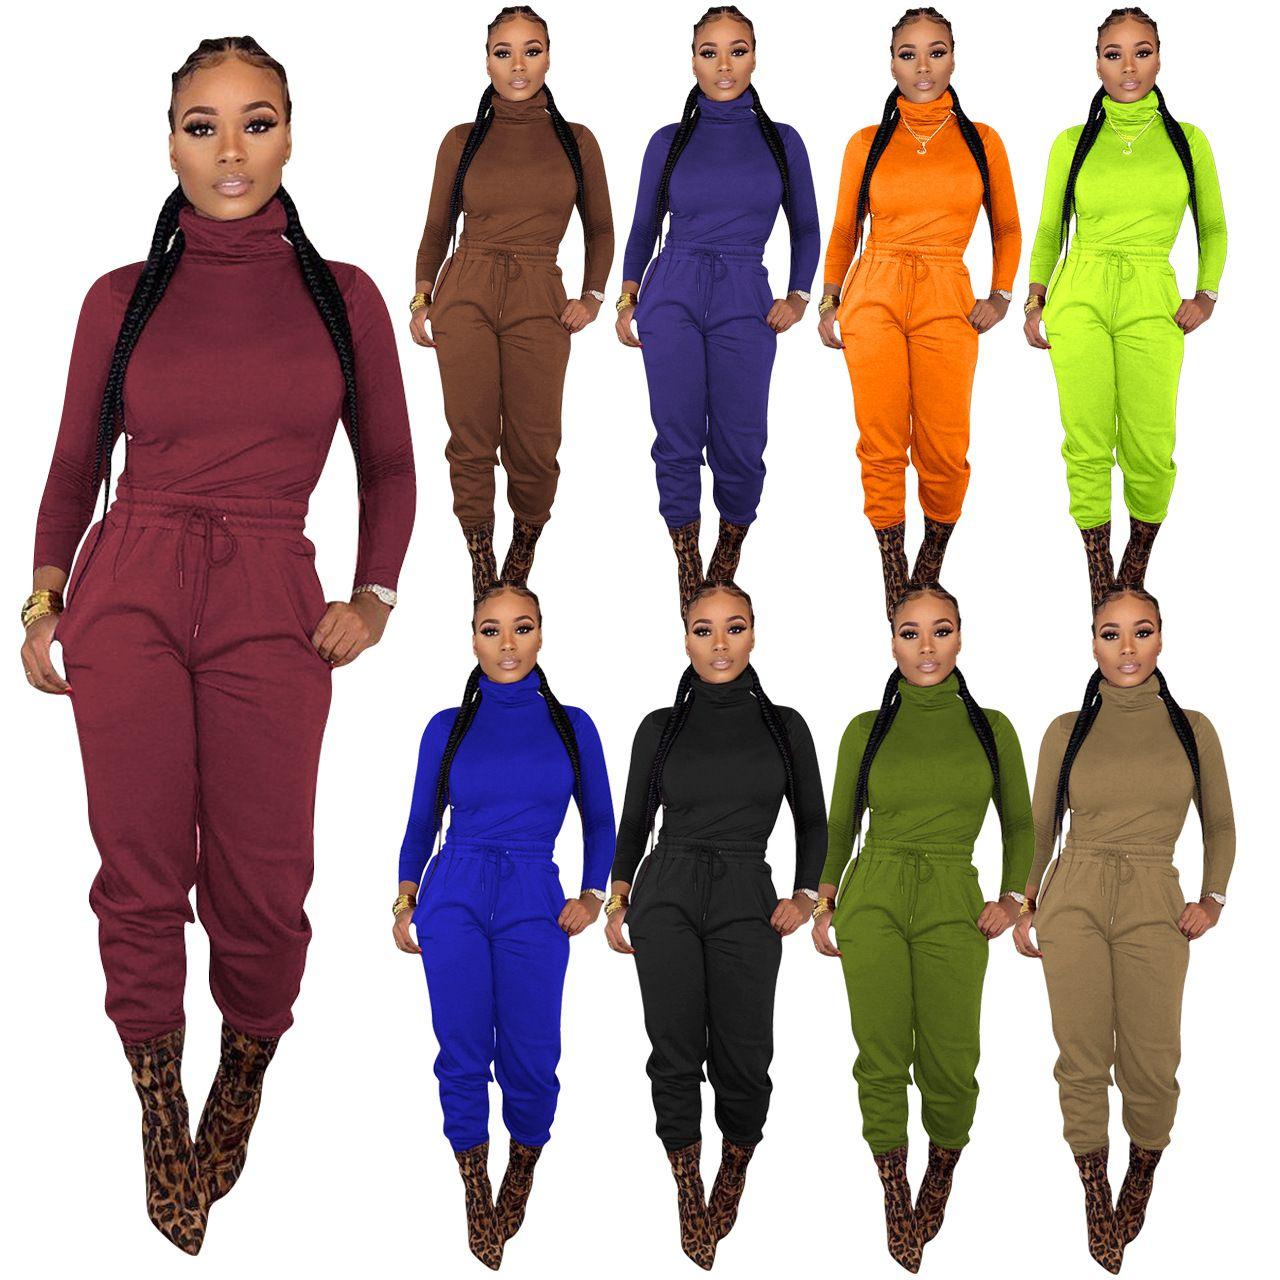 düz renk uzun kollu kazak pantolon 2020 yeni derin V fermuar seksi kadın kapüşonlu ceket pantolon iki parçalı set TVW19051 womens